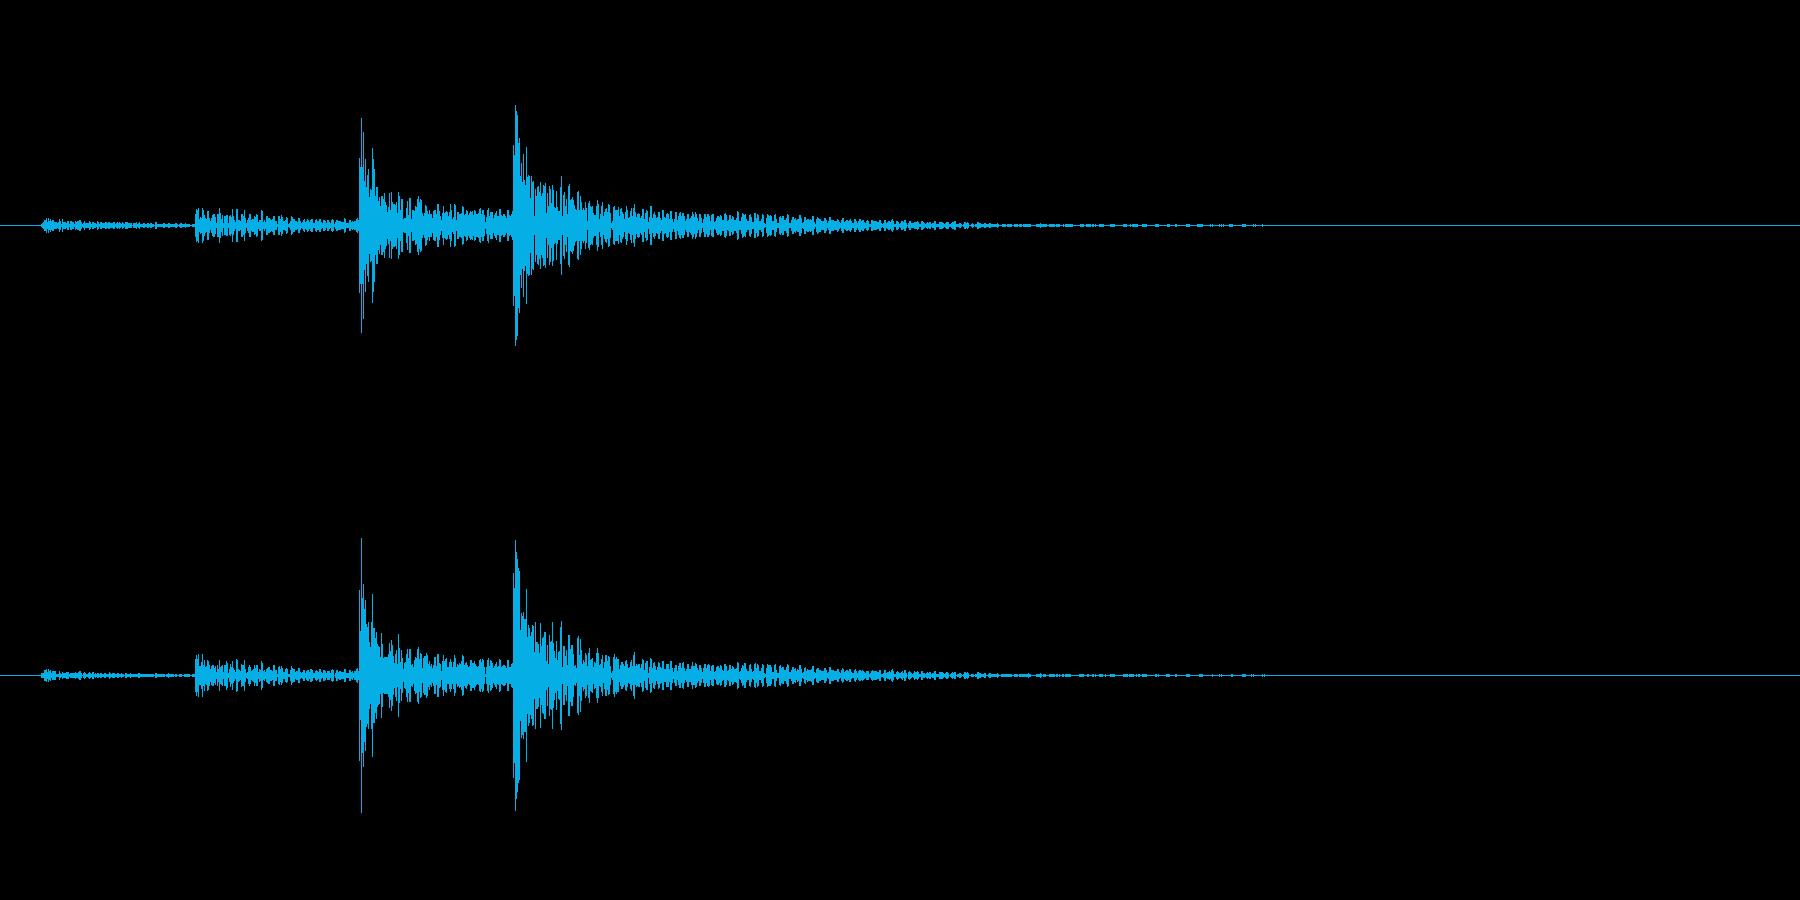 「ドン…」和太鼓の大太鼓フレーズ音+FXの再生済みの波形